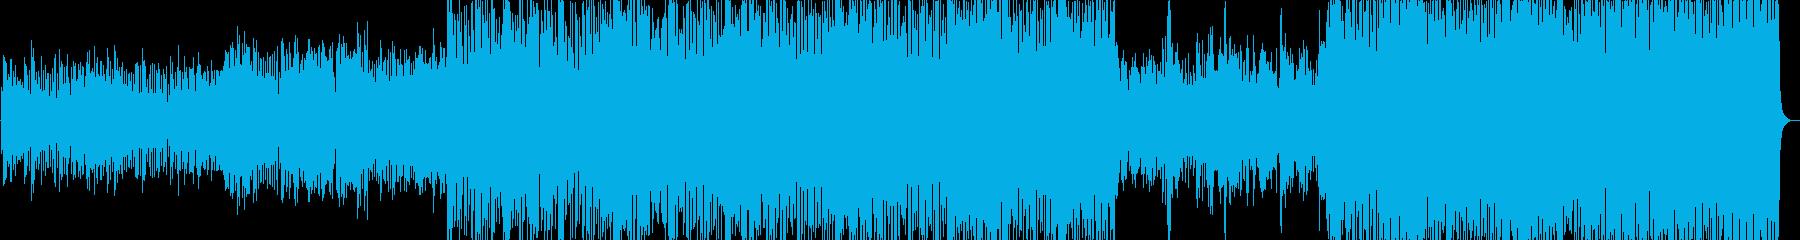 カフェで流れる軽快な弦楽器クラブ音楽の再生済みの波形